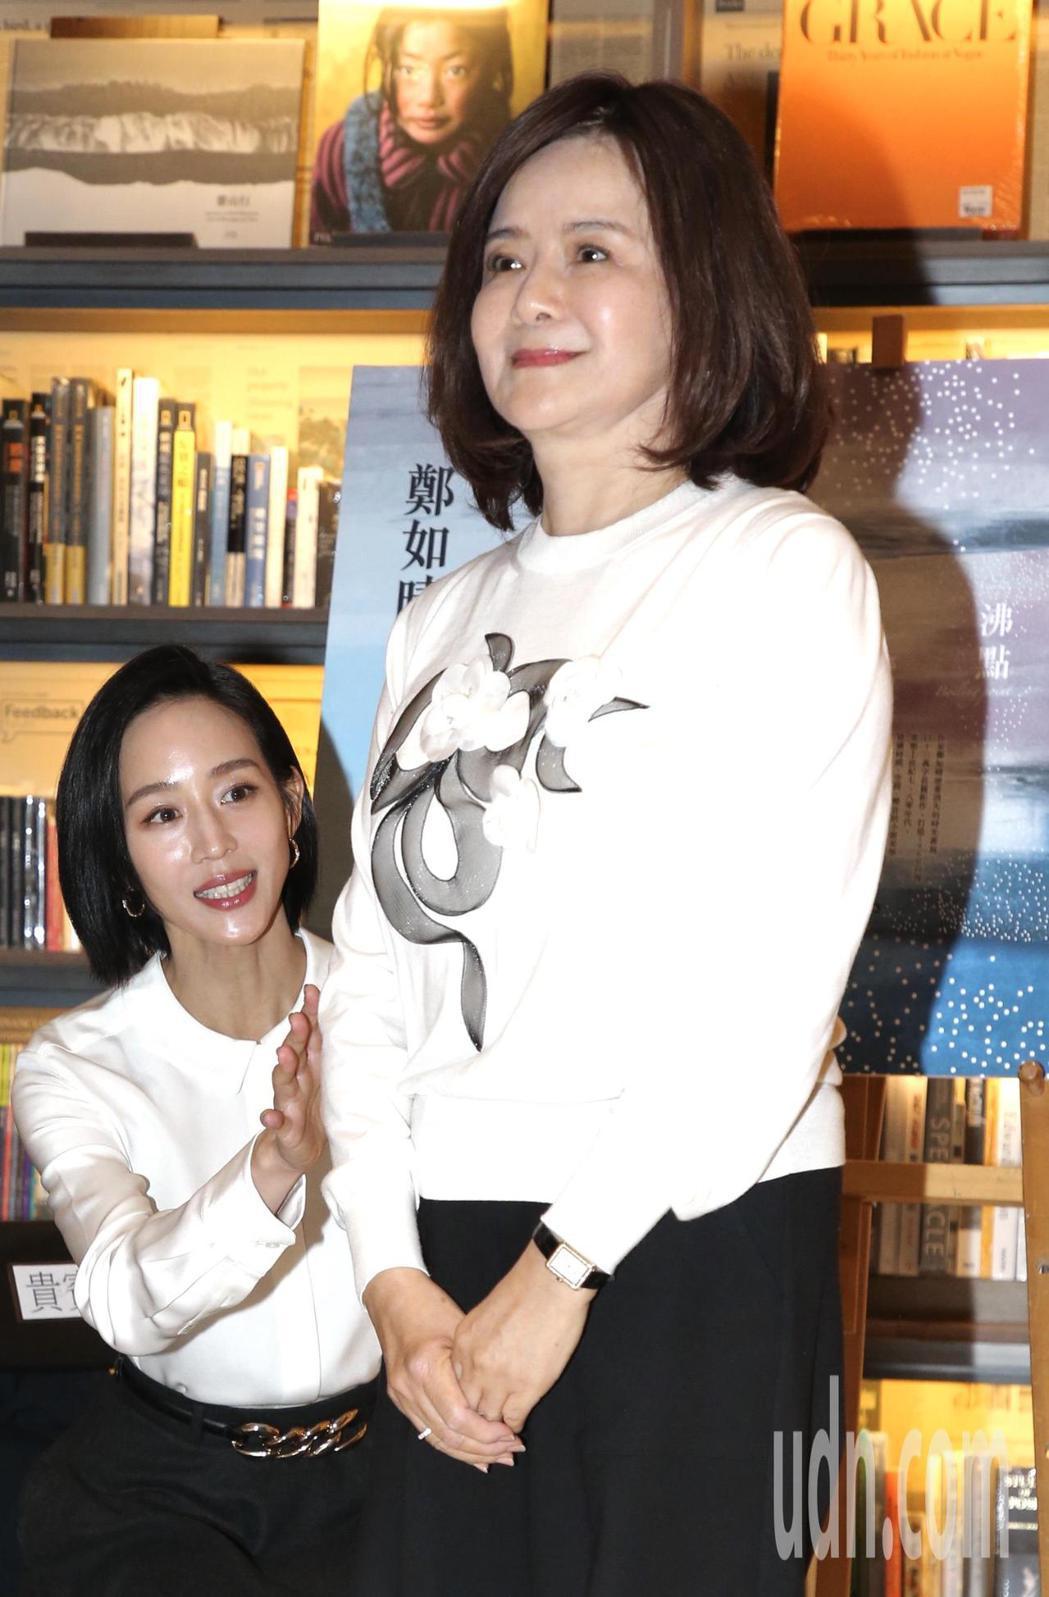 張鈞甯(左)現身作家媽媽鄭如晴(右)「沸點」分享會,獻花送茶壺,為母親站台,展現...